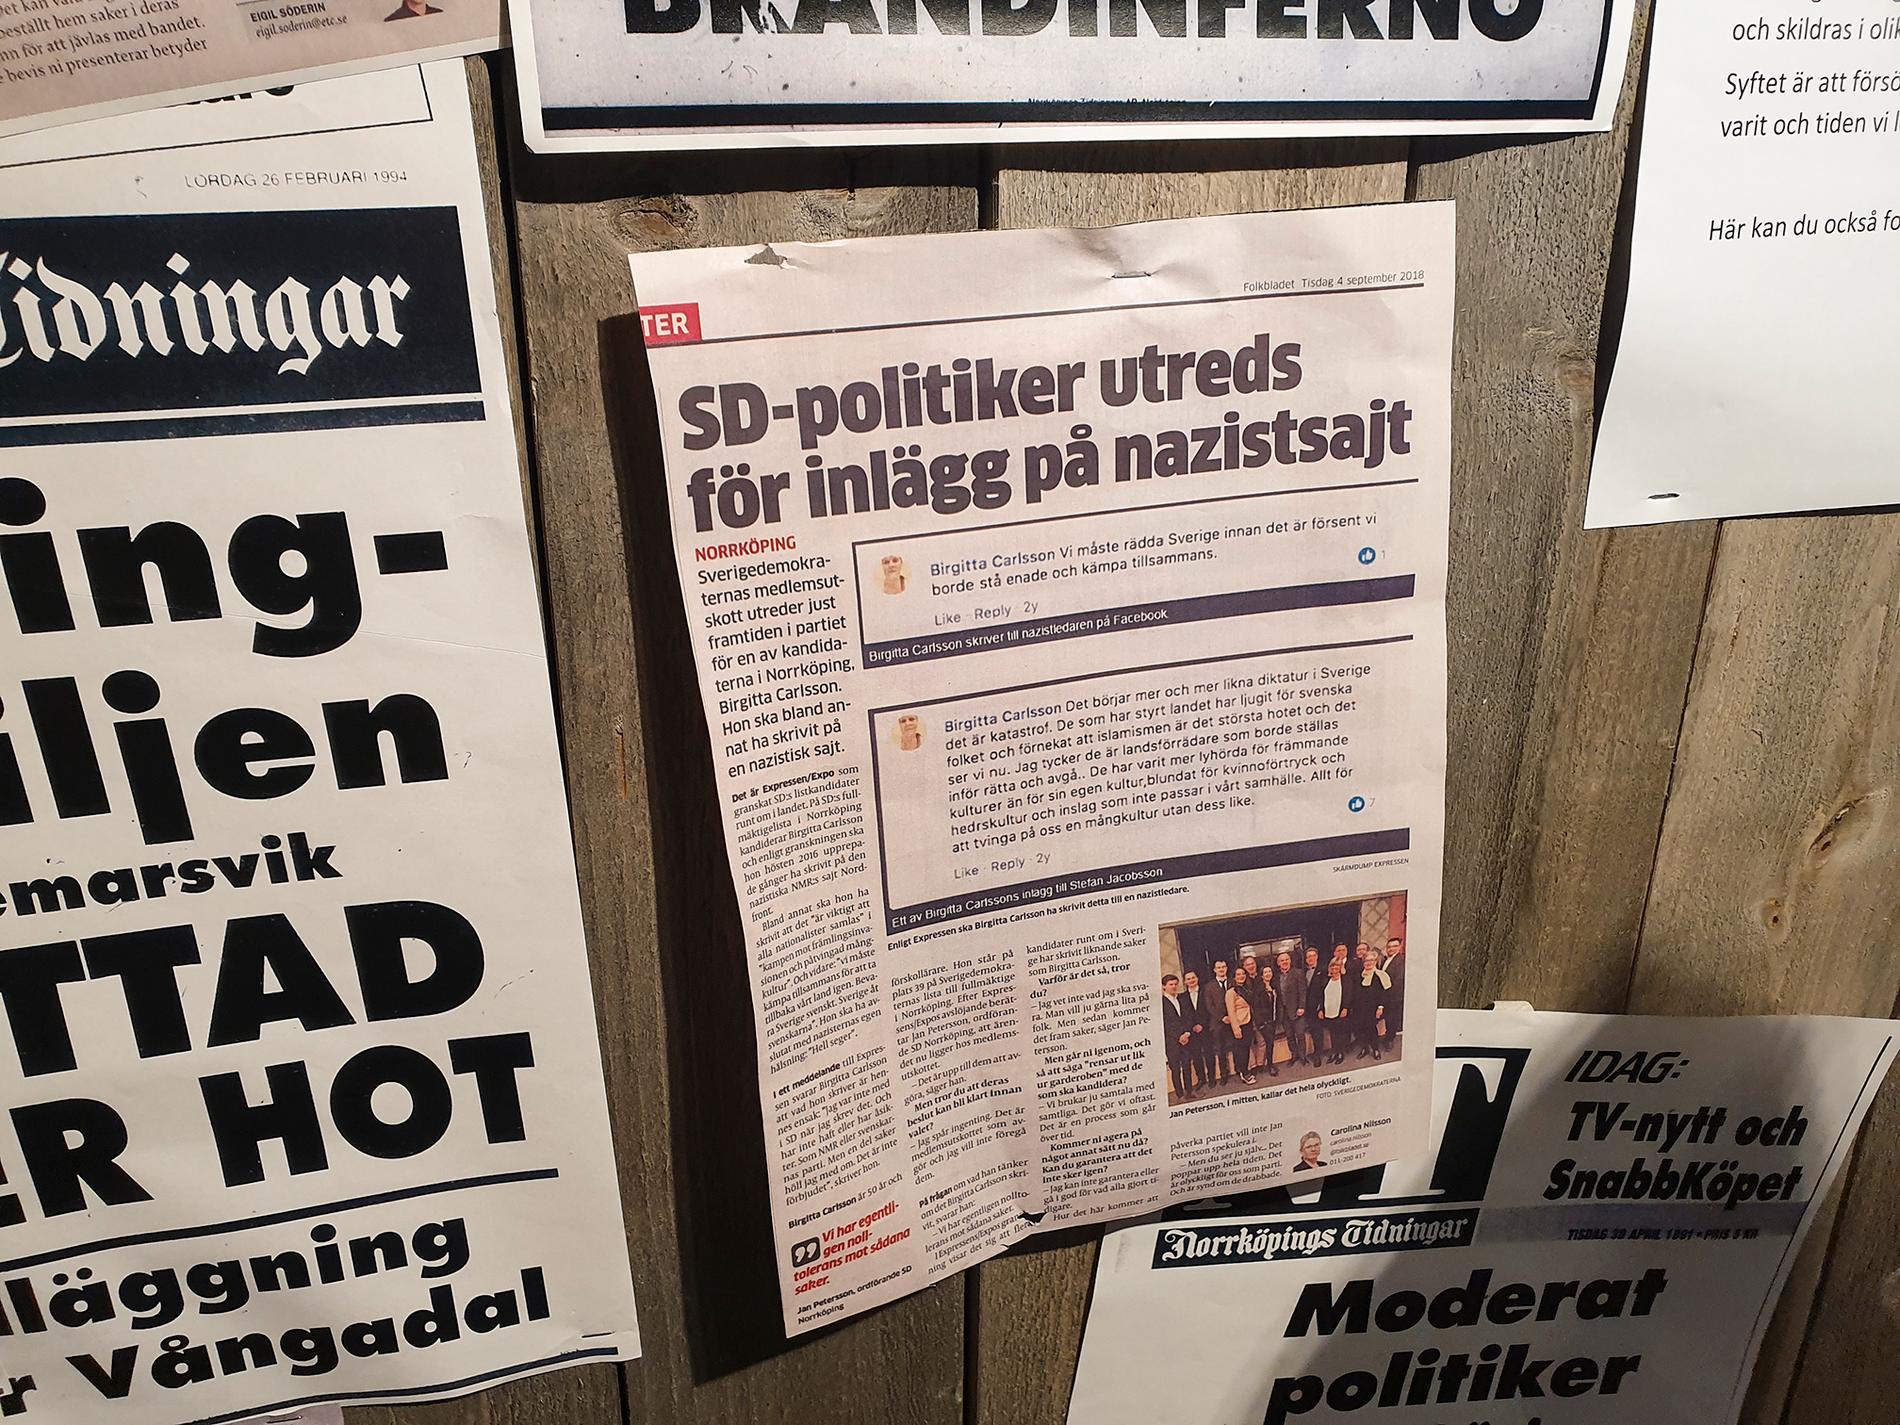 Tidningsklippet från Folkbladet på Stadsmuseet i Norrköping som fick Sverigedemokraterna att polisanmäla museet.